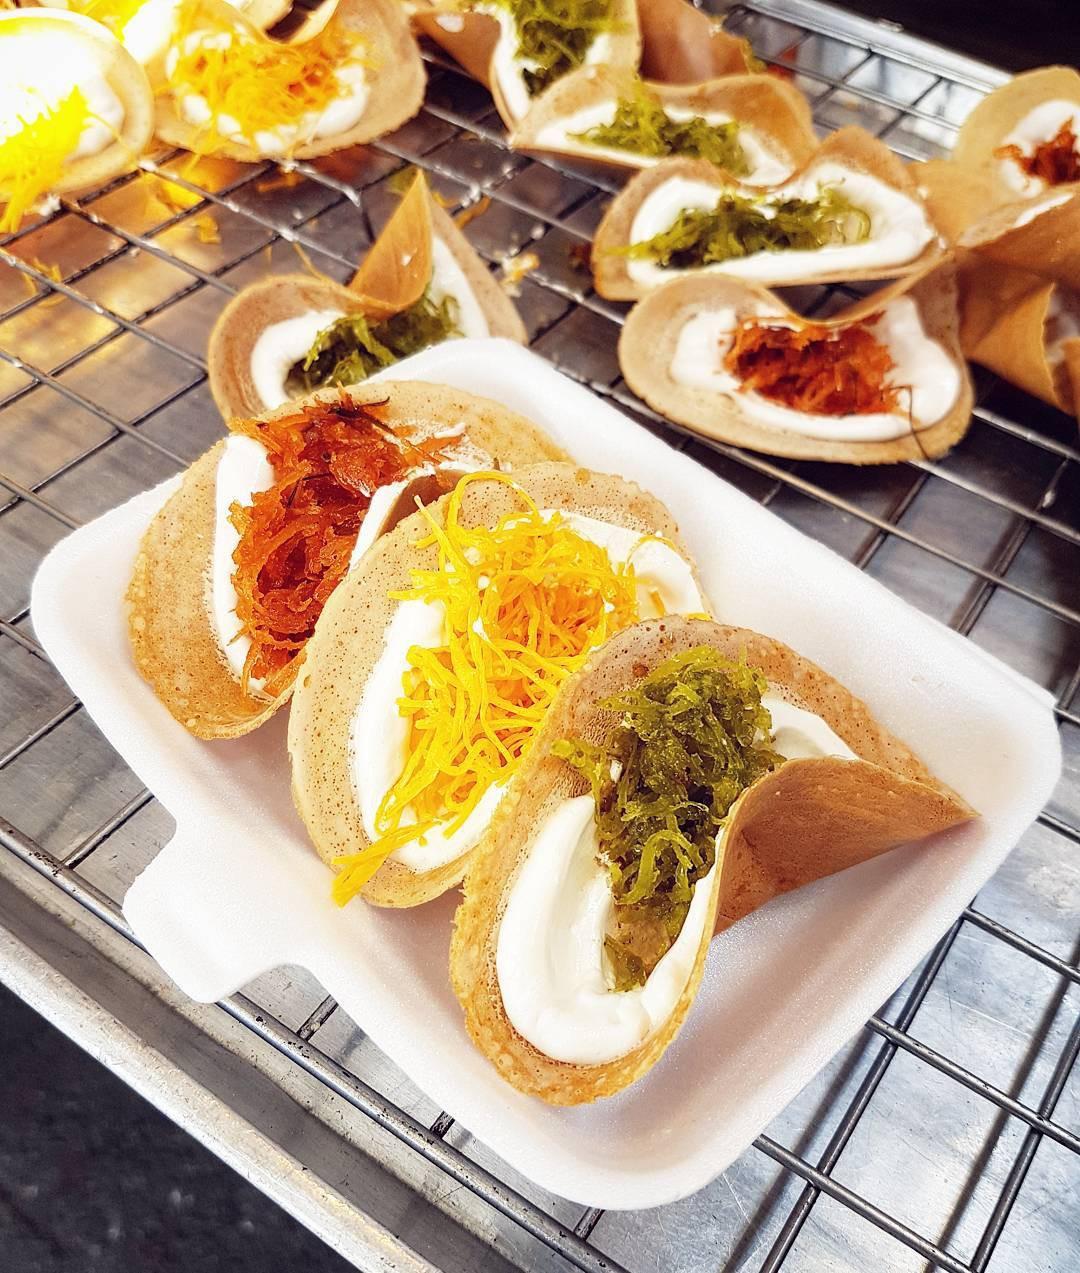 Những món ăn vặt nổi tiếng nhất định phải thử khi đến Thái Lan - Ảnh 10.